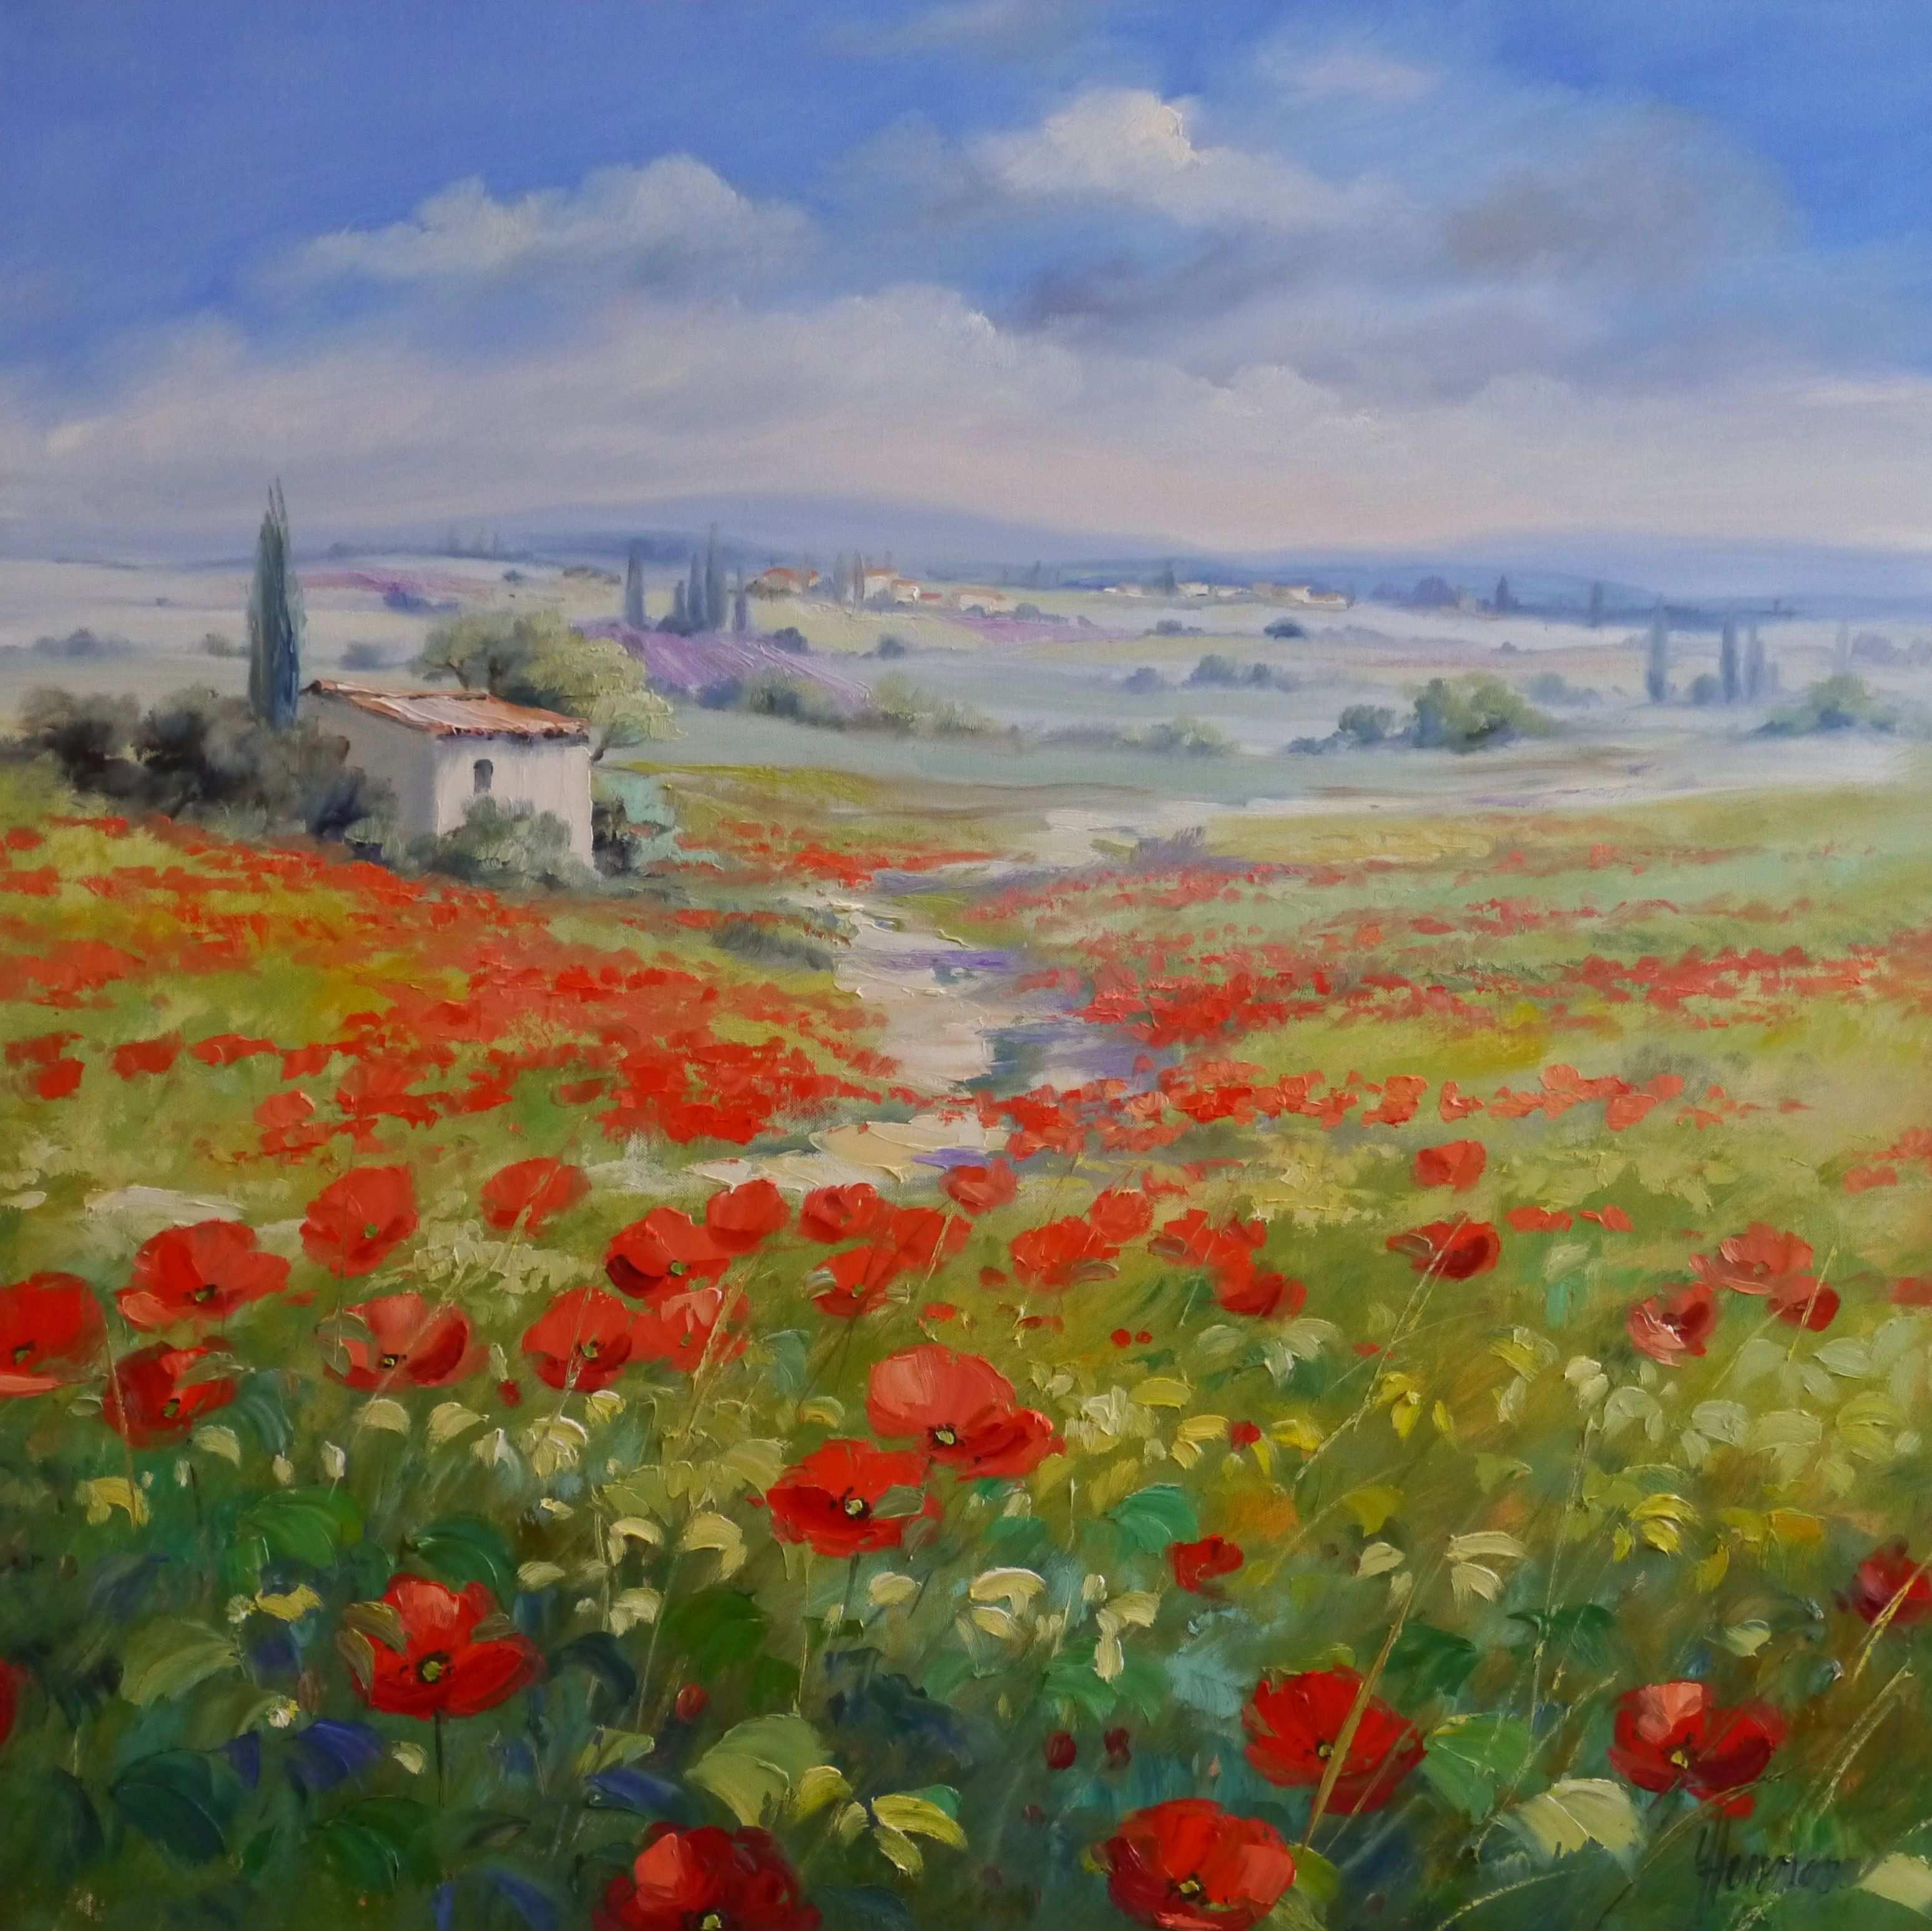 Wiesen Mit Rotem Mohn Findet Man Reichlich In Der Landschaft Der Provence In Frankreich Vor Ort Entstehen F Landschaft Gemalde Landschaften Malen Mohn Malerei